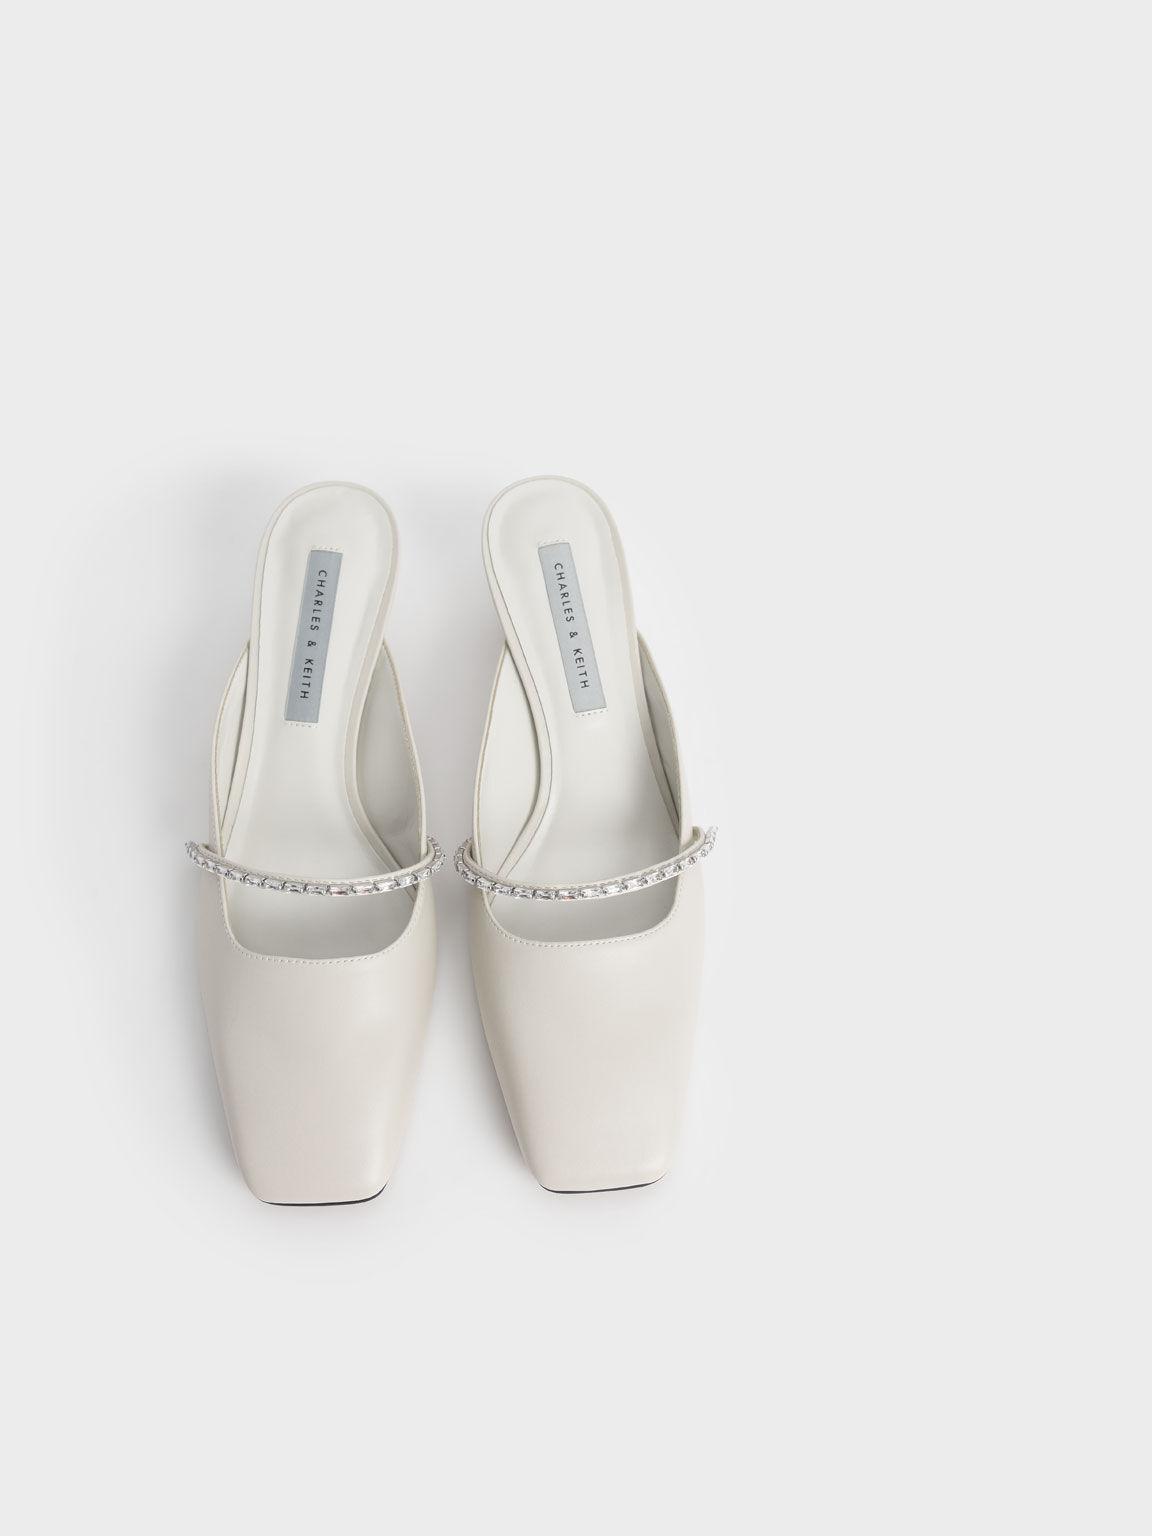 寶石瑪莉珍低跟鞋, 石灰白, hi-res